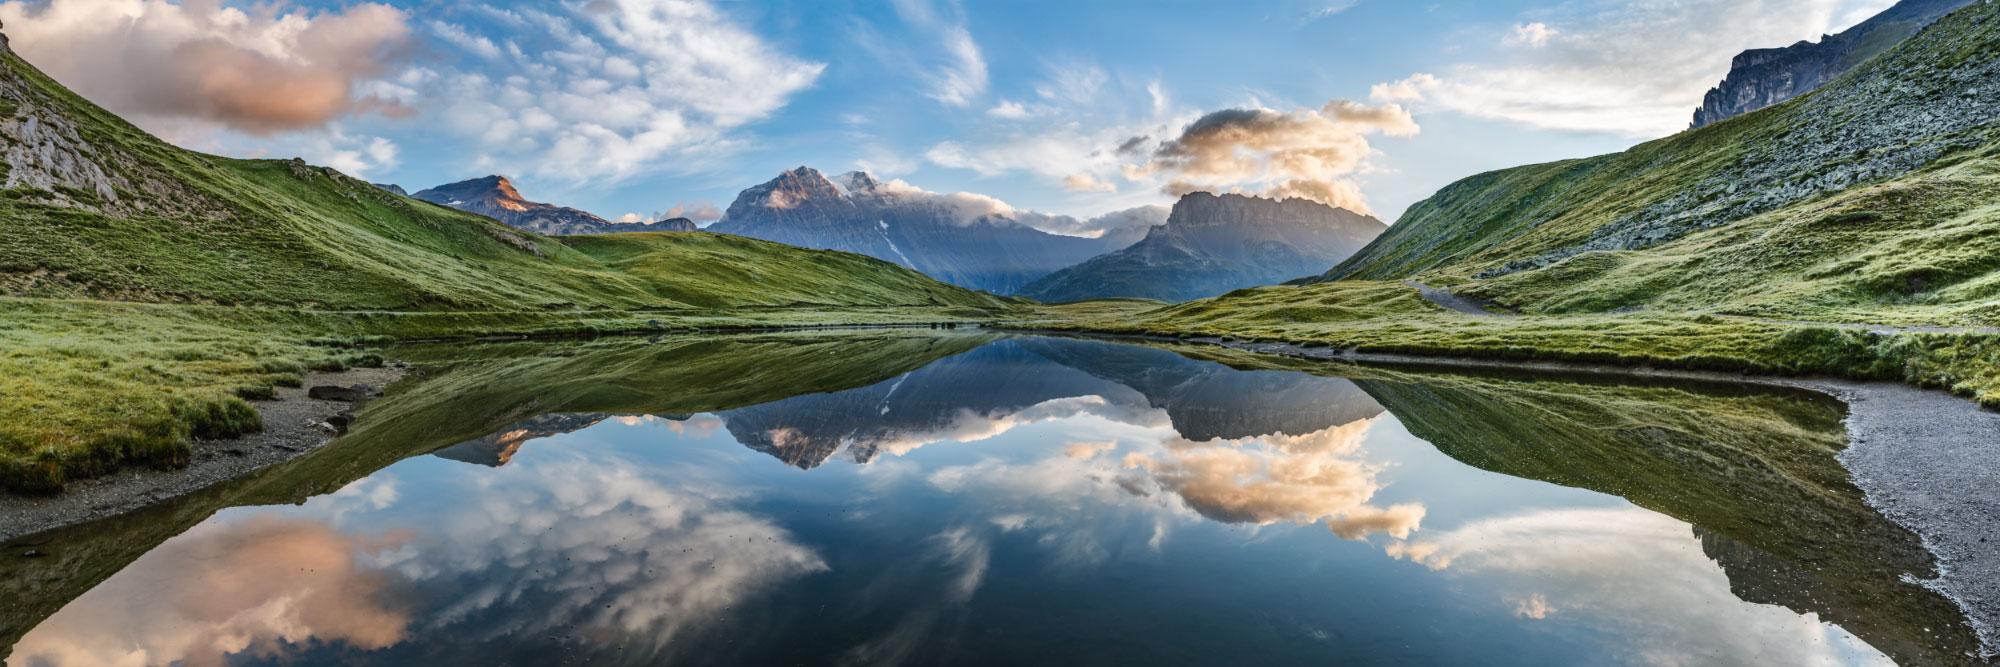 La Grande Casse (3855 m) depuis Plan du Lac, Vanoise